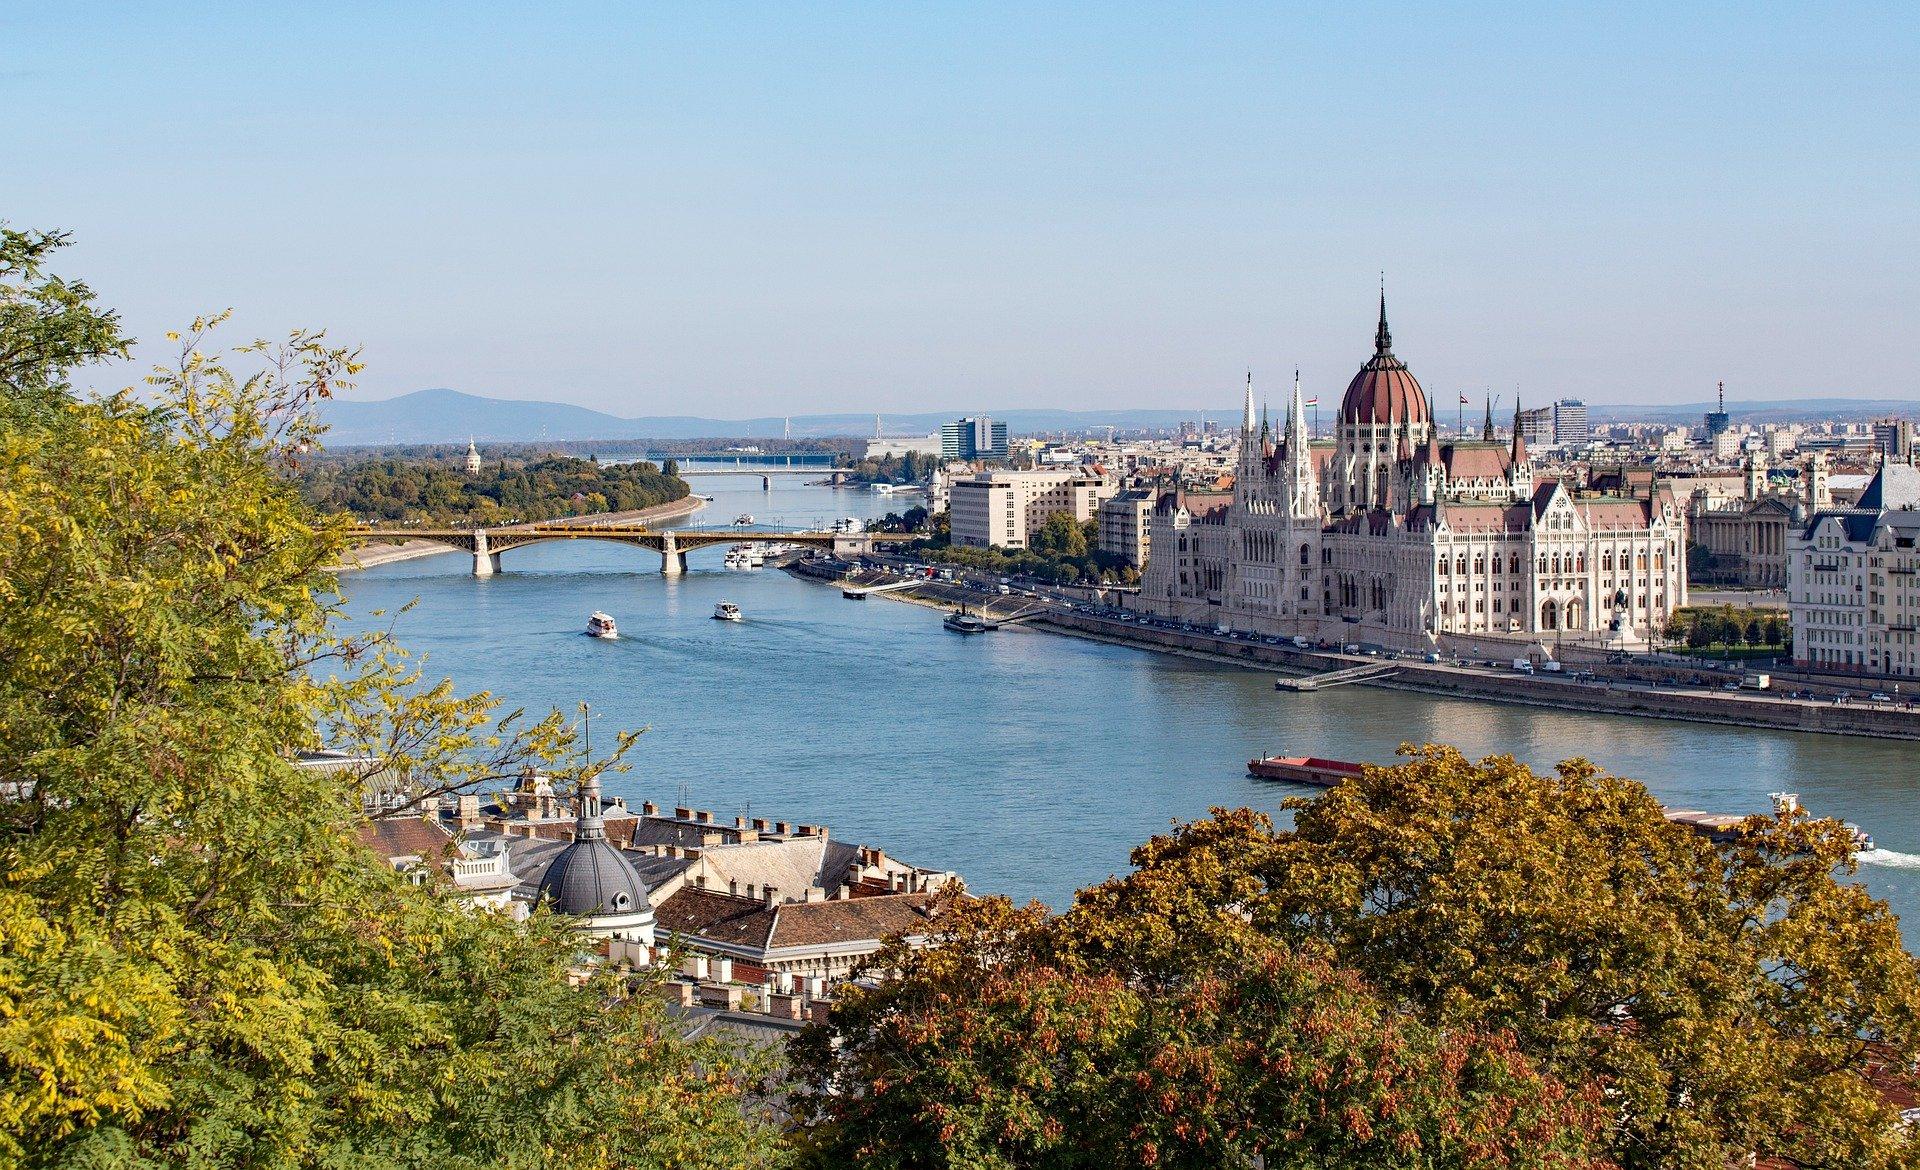 Negyven százalékkal csökkentené szén-dioxid kibocsátását 2030-ra Budapest